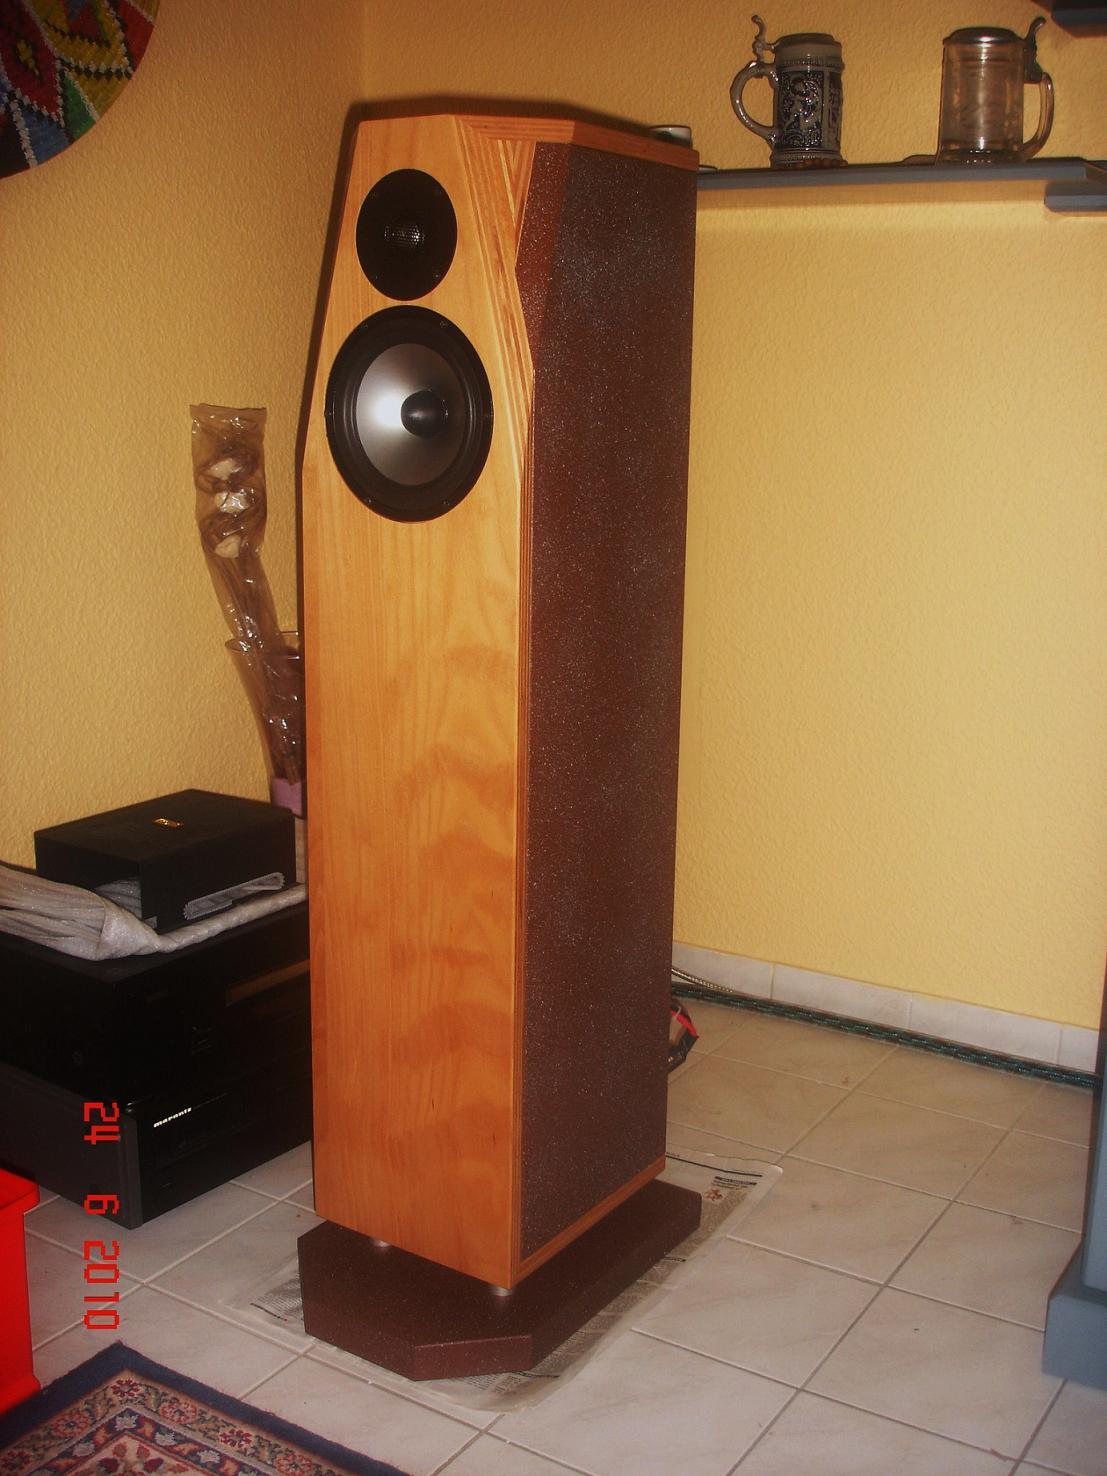 mein showroom hifi gebraucht kaufen und verkaufen hifi anlagen f r unicef auf. Black Bedroom Furniture Sets. Home Design Ideas